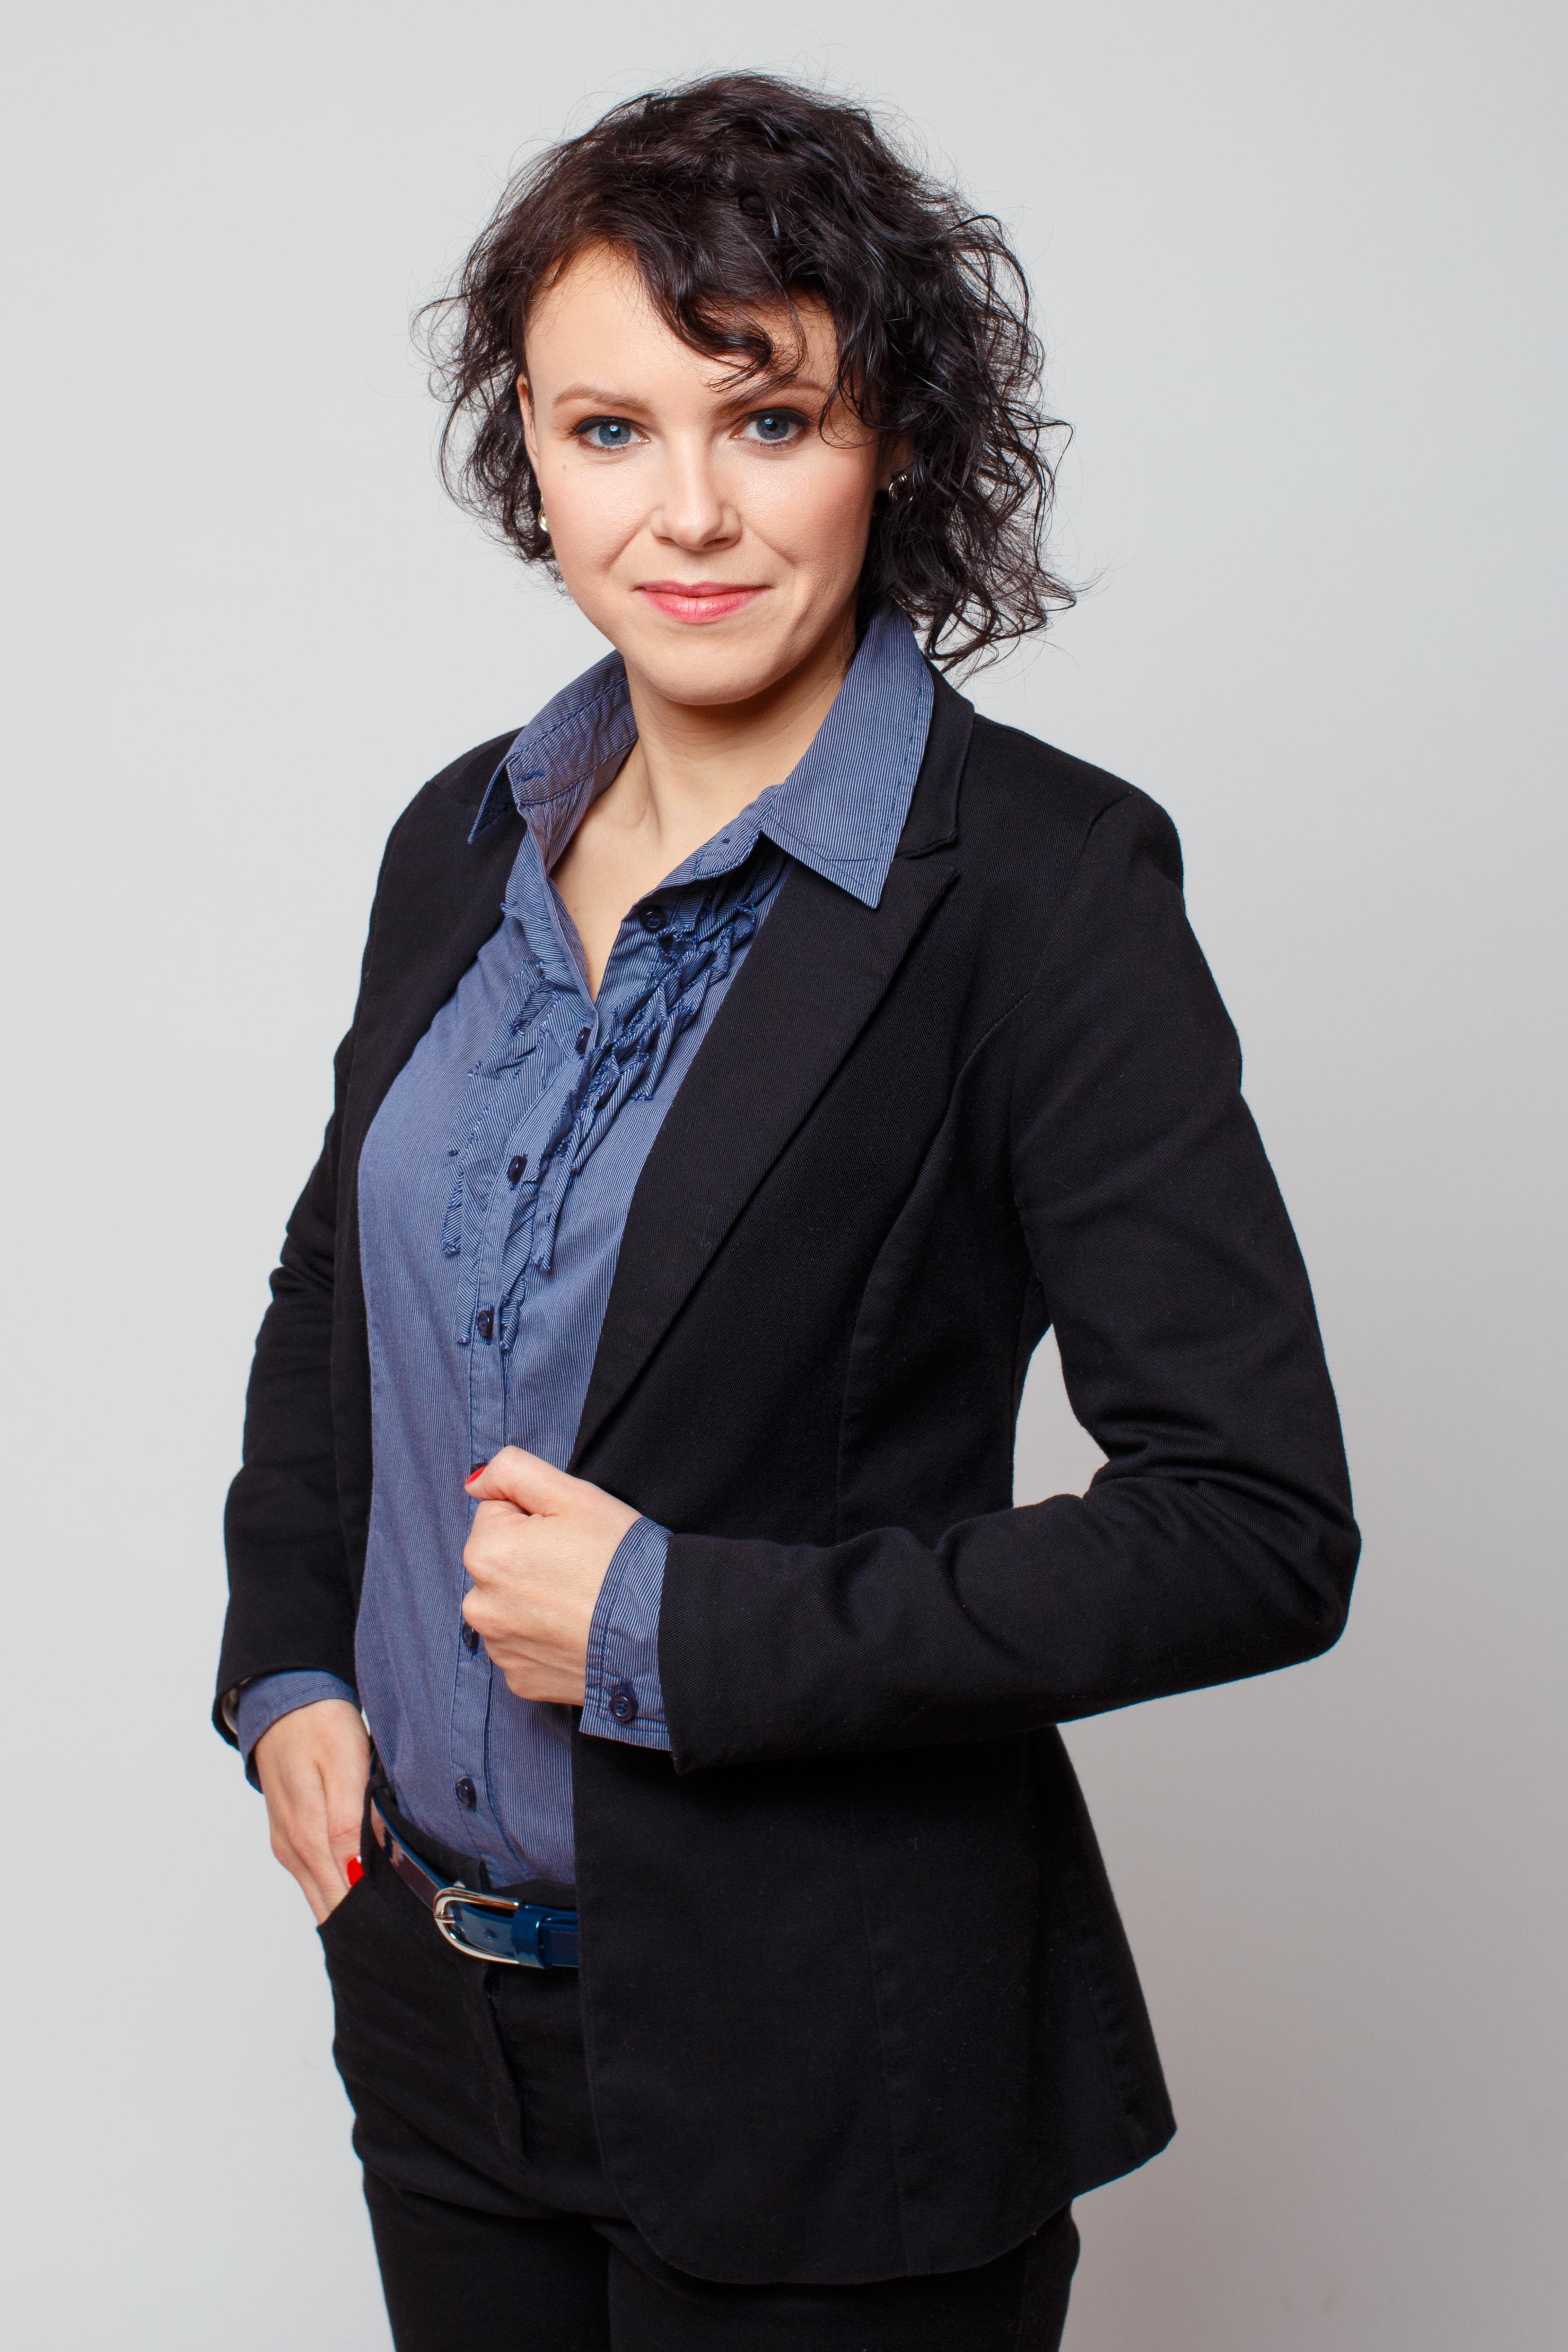 Iza Krejca-Pawski